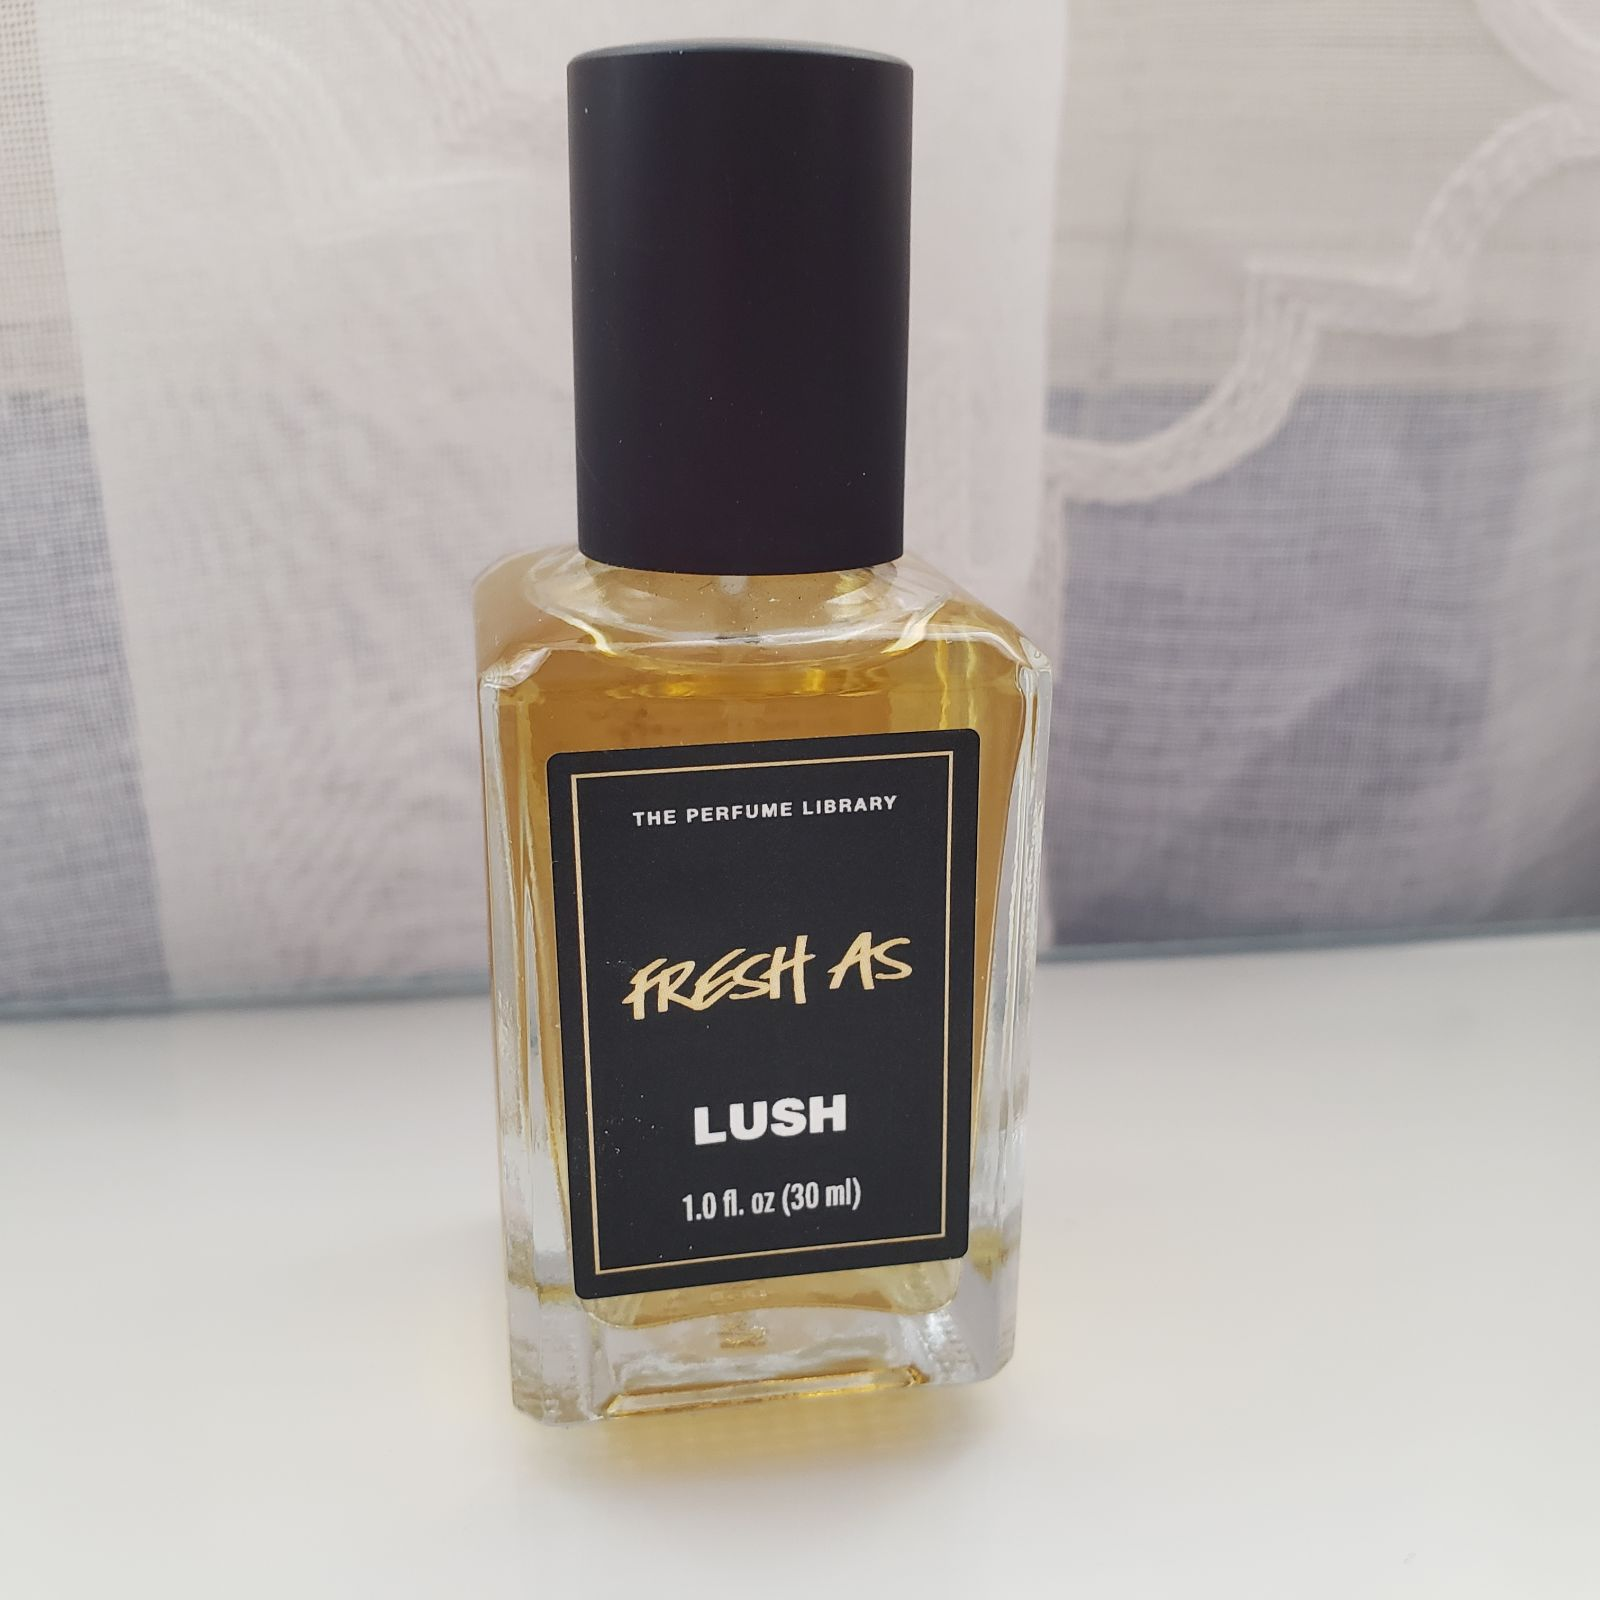 Lush Fresh As Perfume 30ml